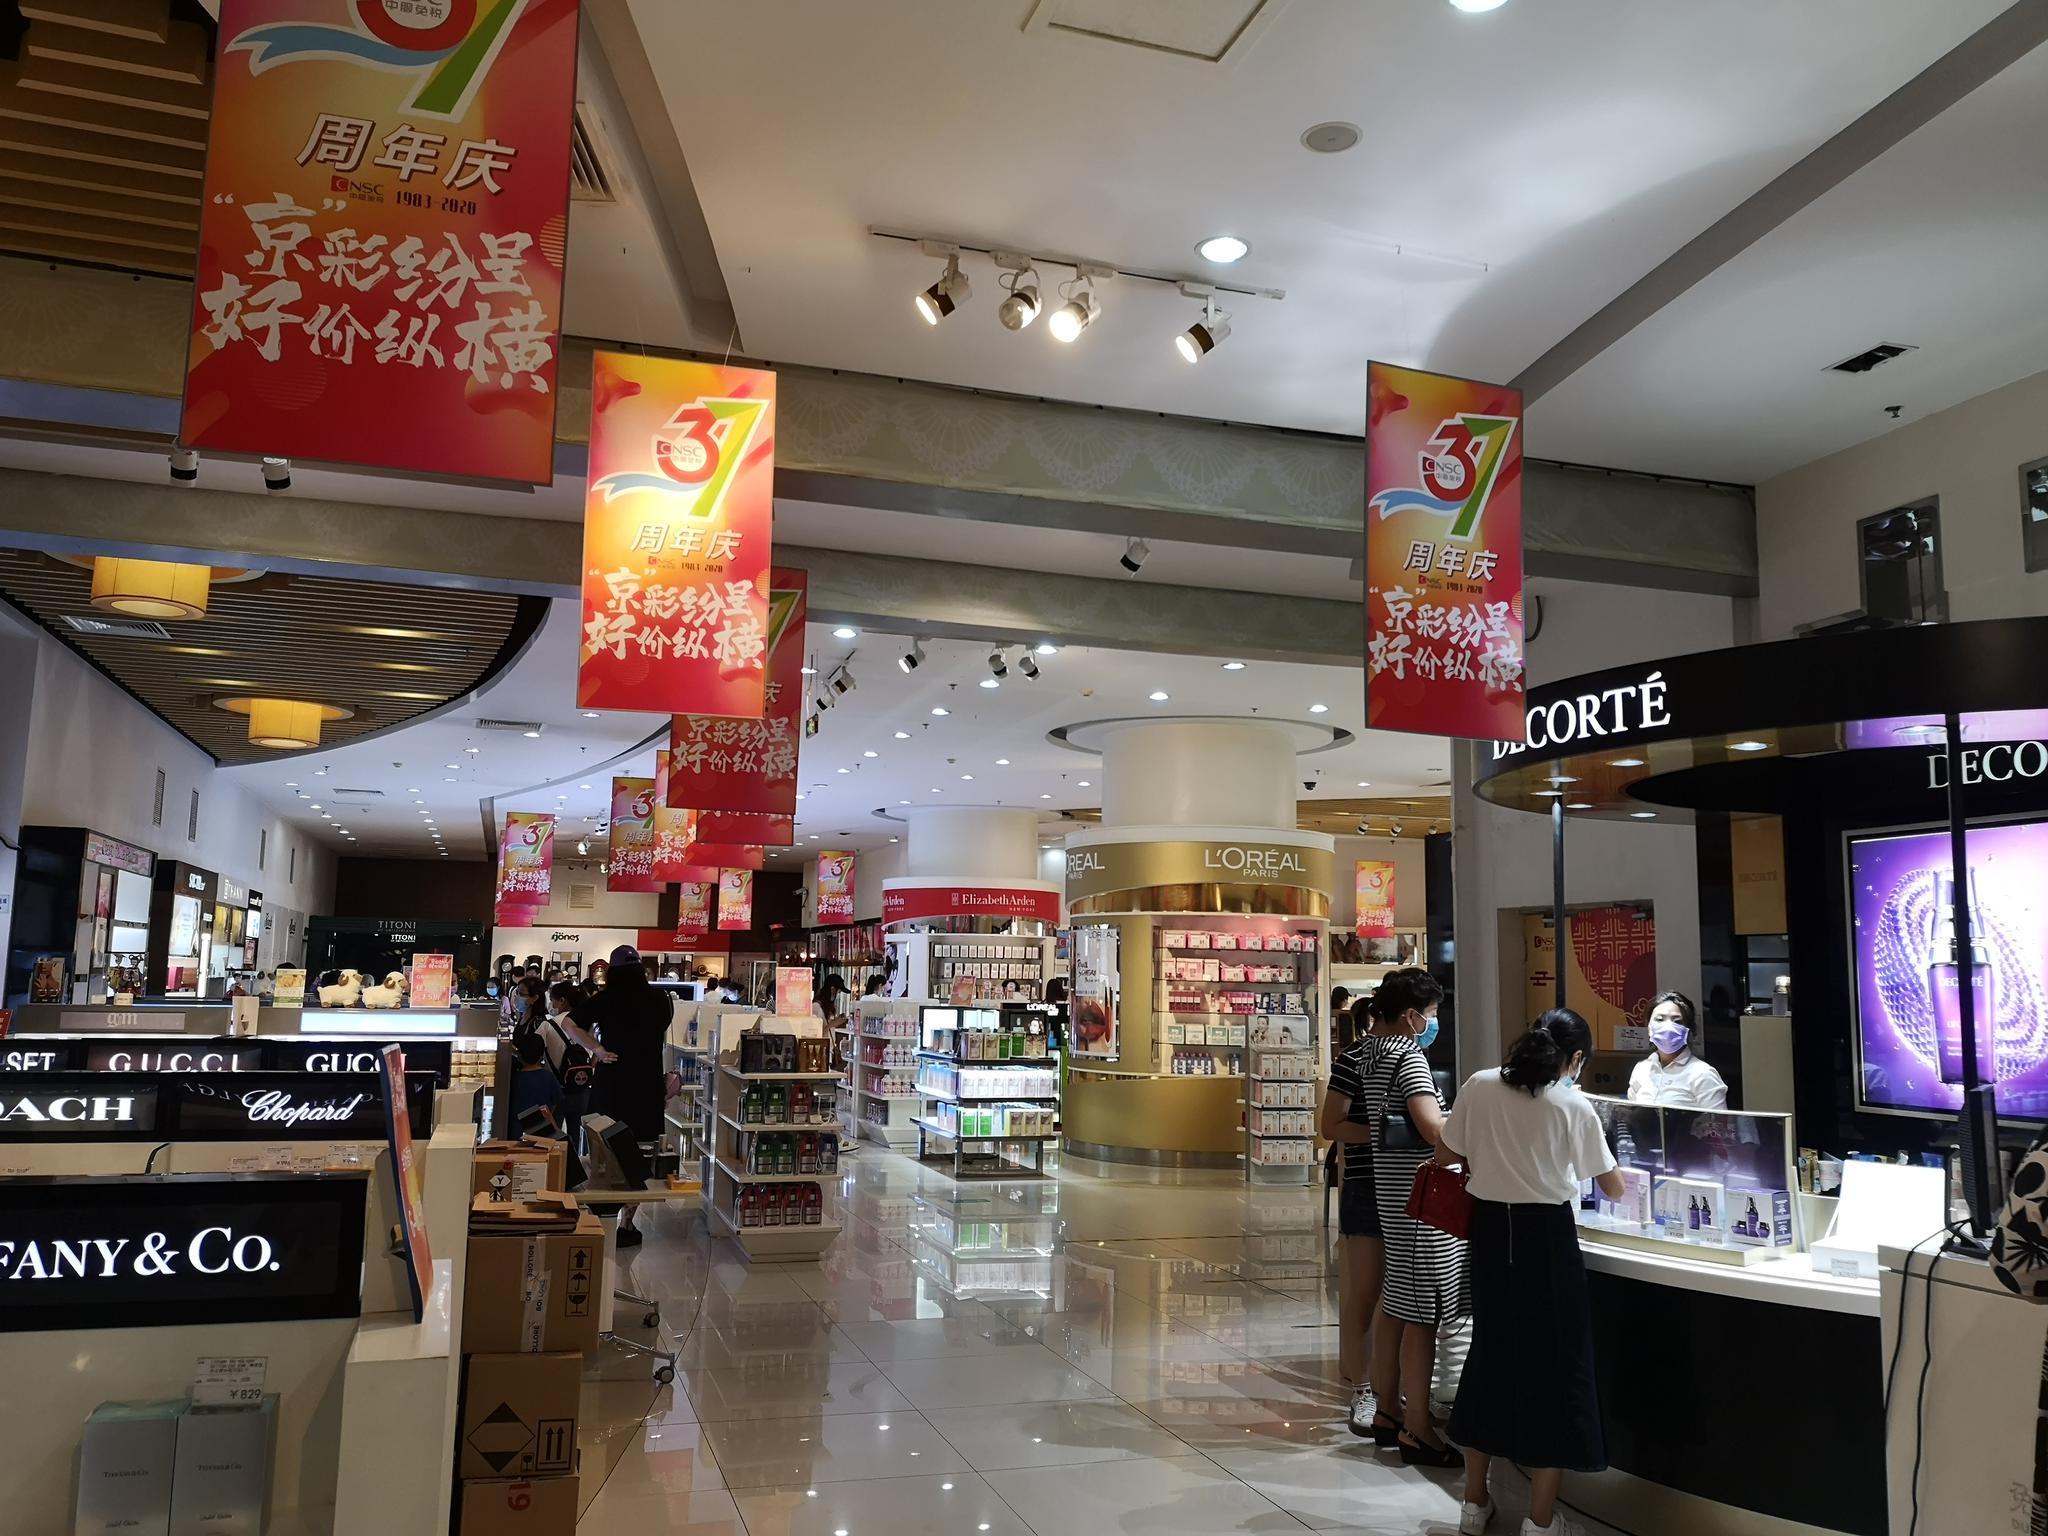 sky平台:批sky平台公司沾光北京中服免税图片